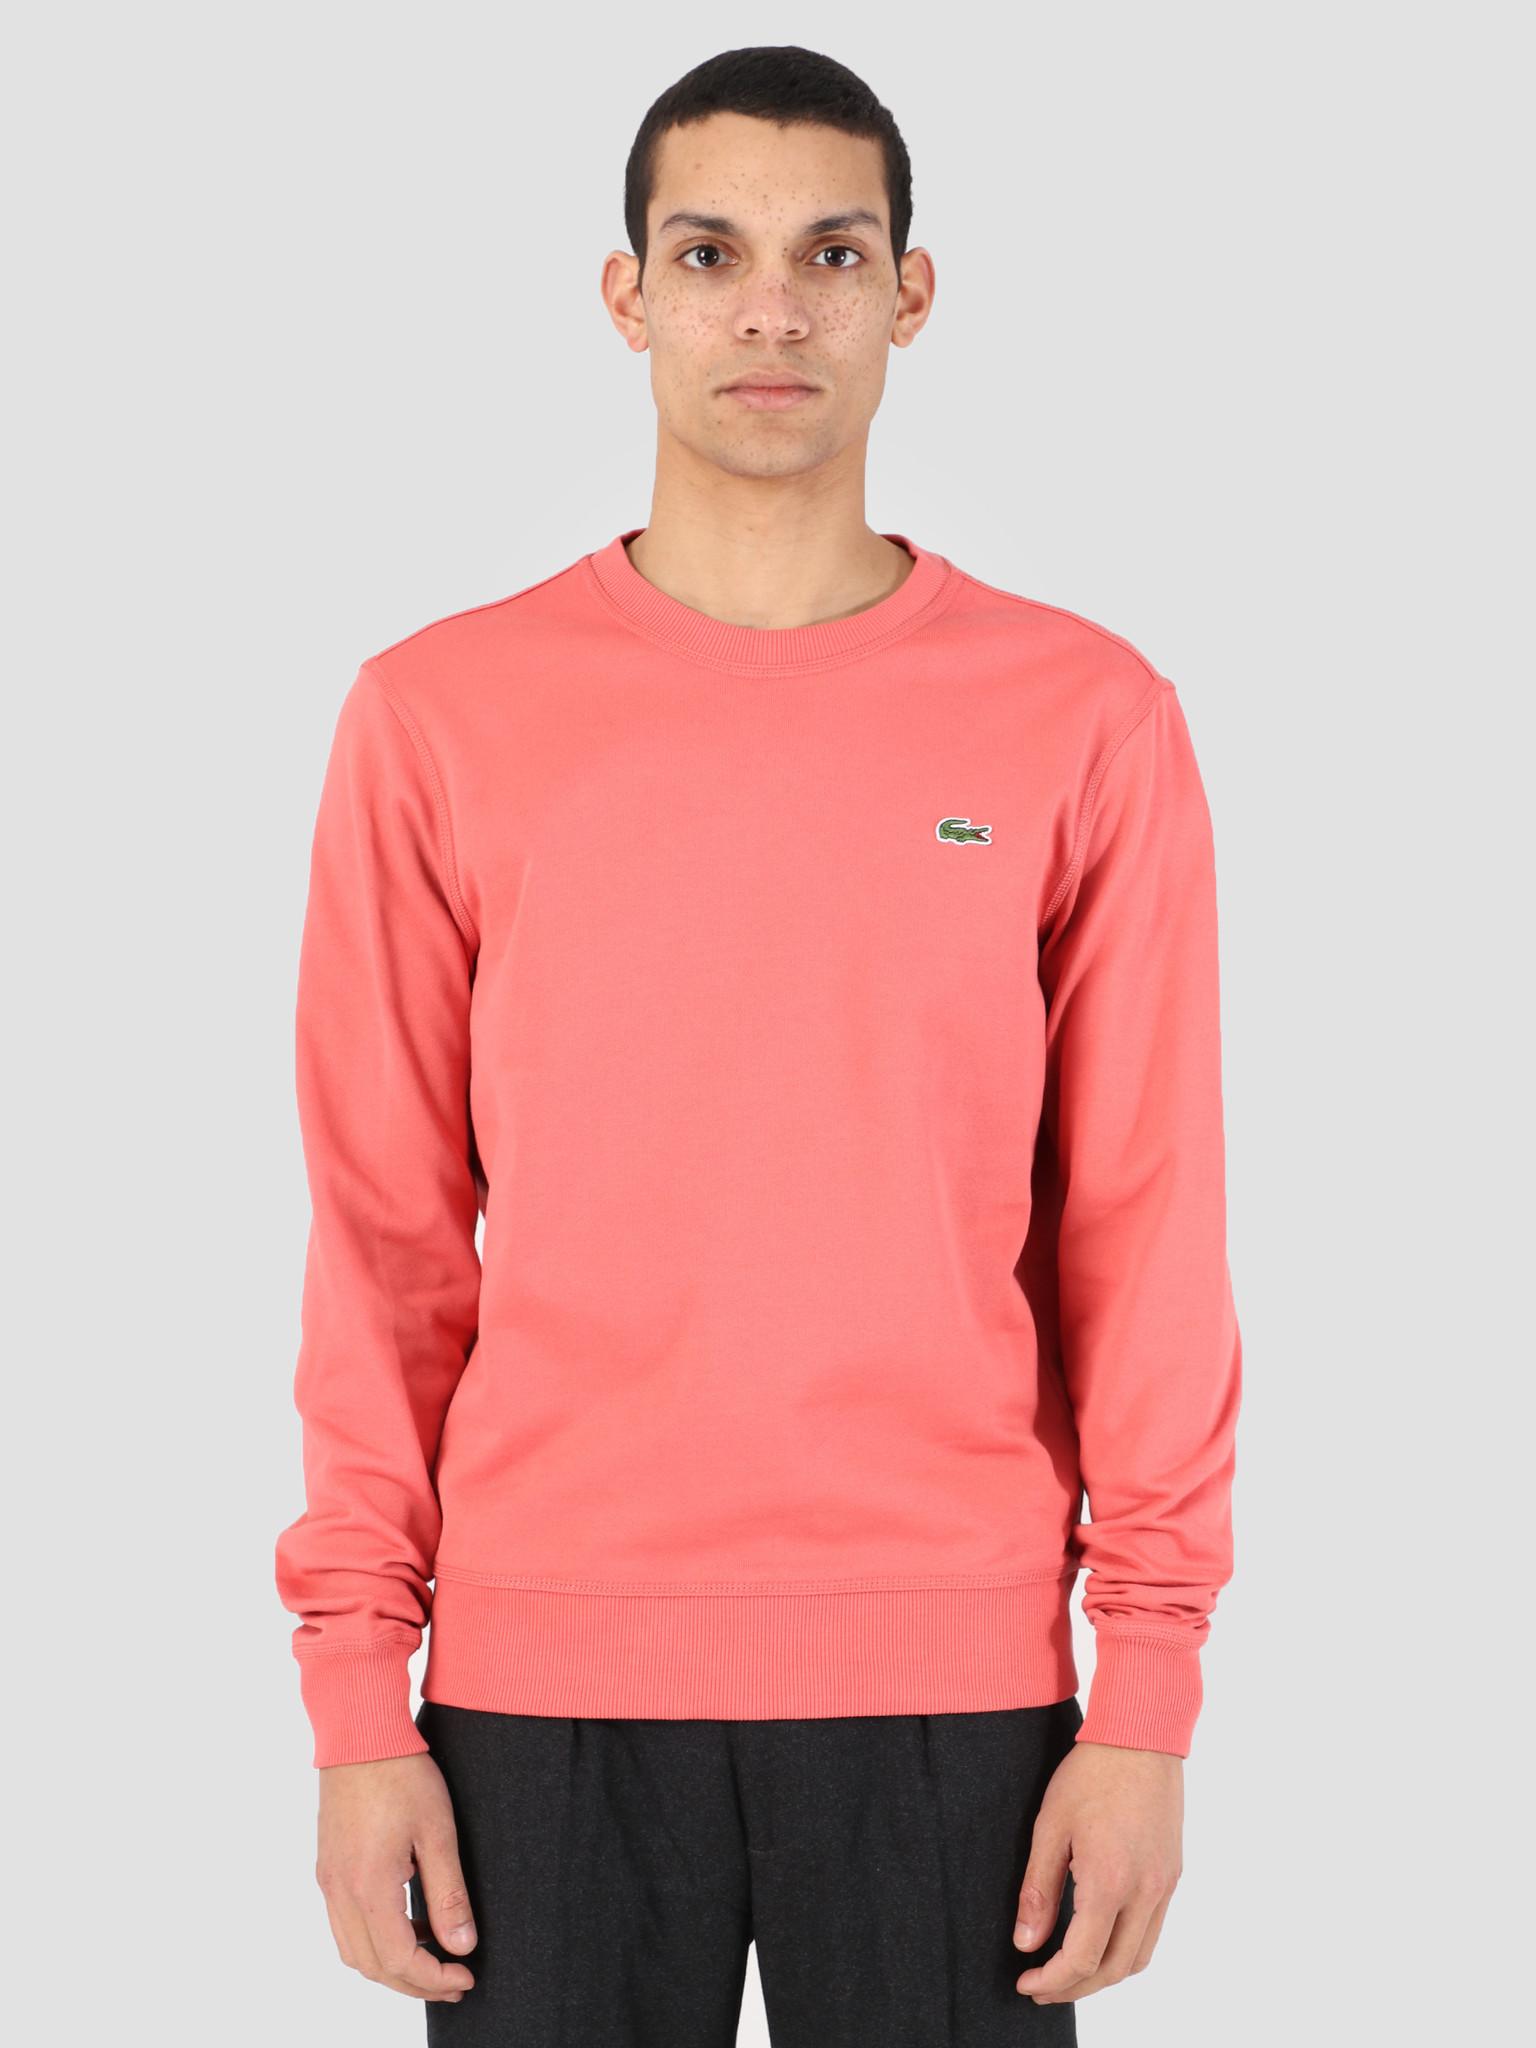 Lacoste Lacoste 1HS1 Sweatshirt 08A Hillier Hillier-Hillier-H Sh9075-83